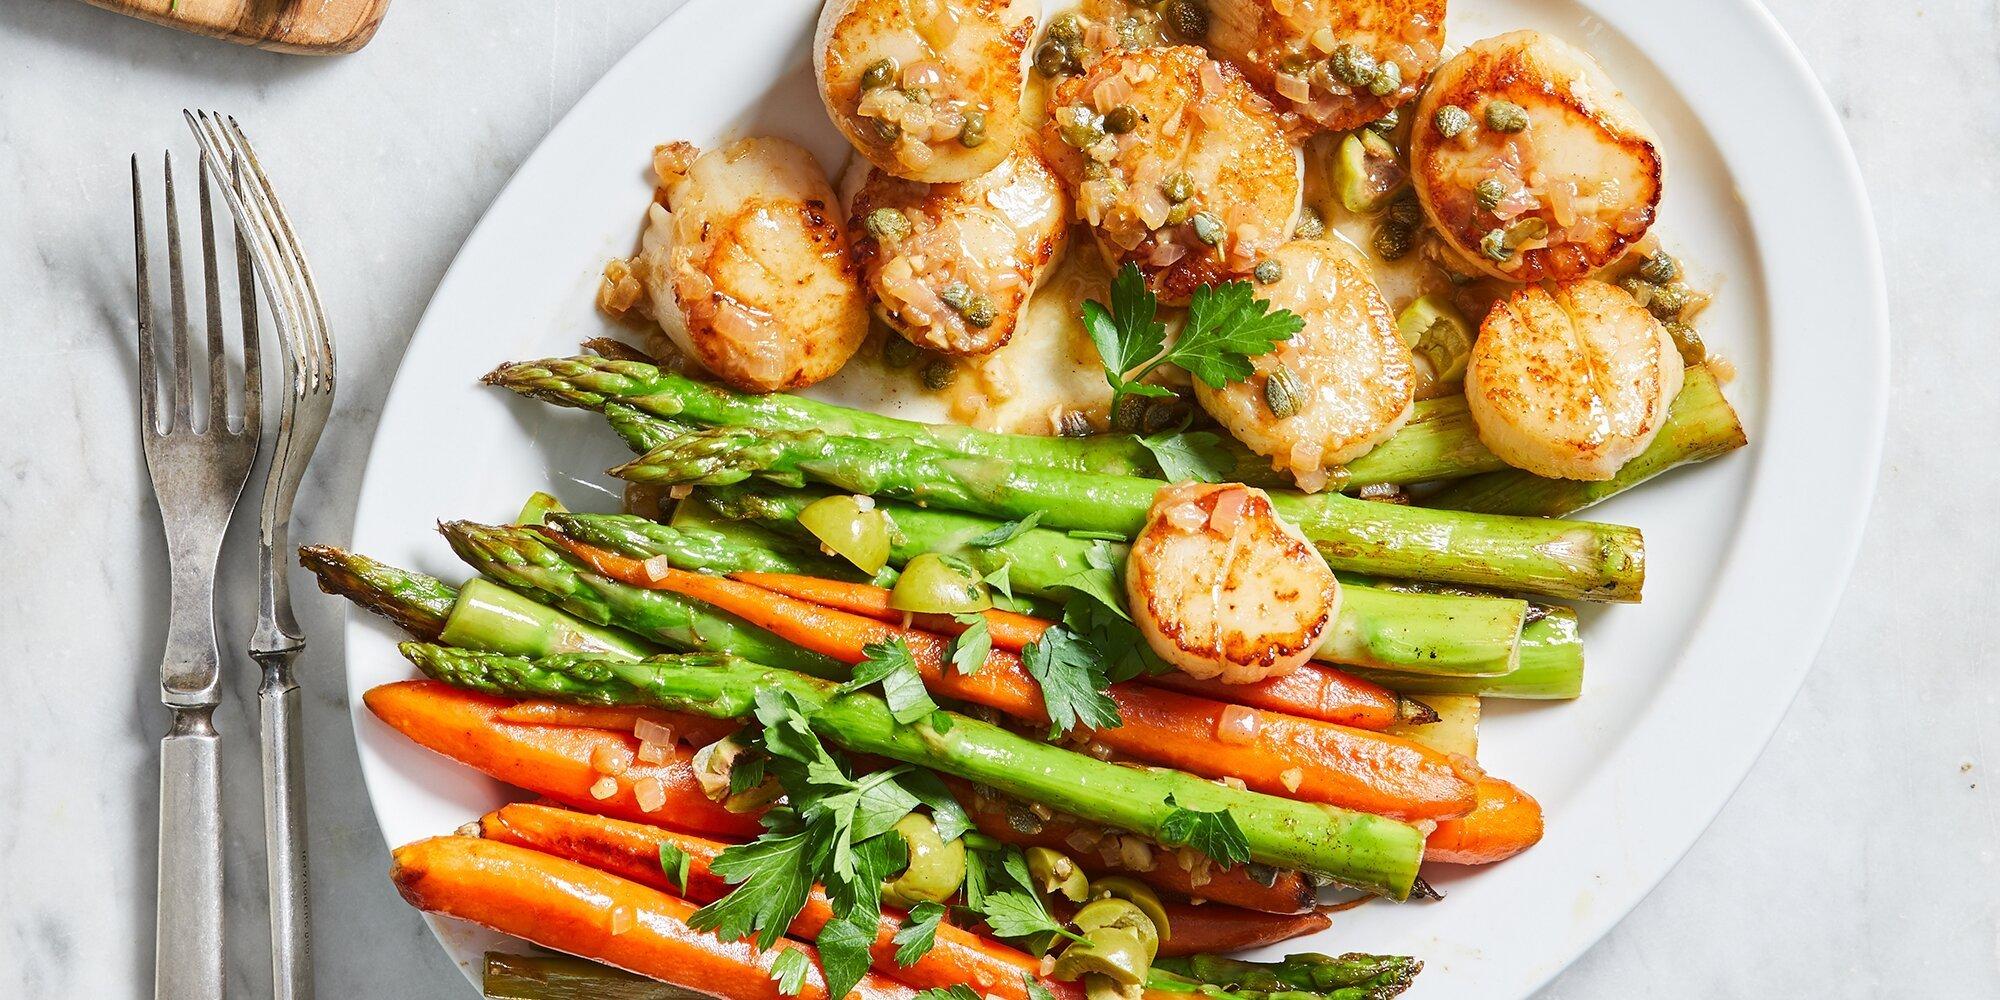 10 Easy Dinner Ideas for Spring